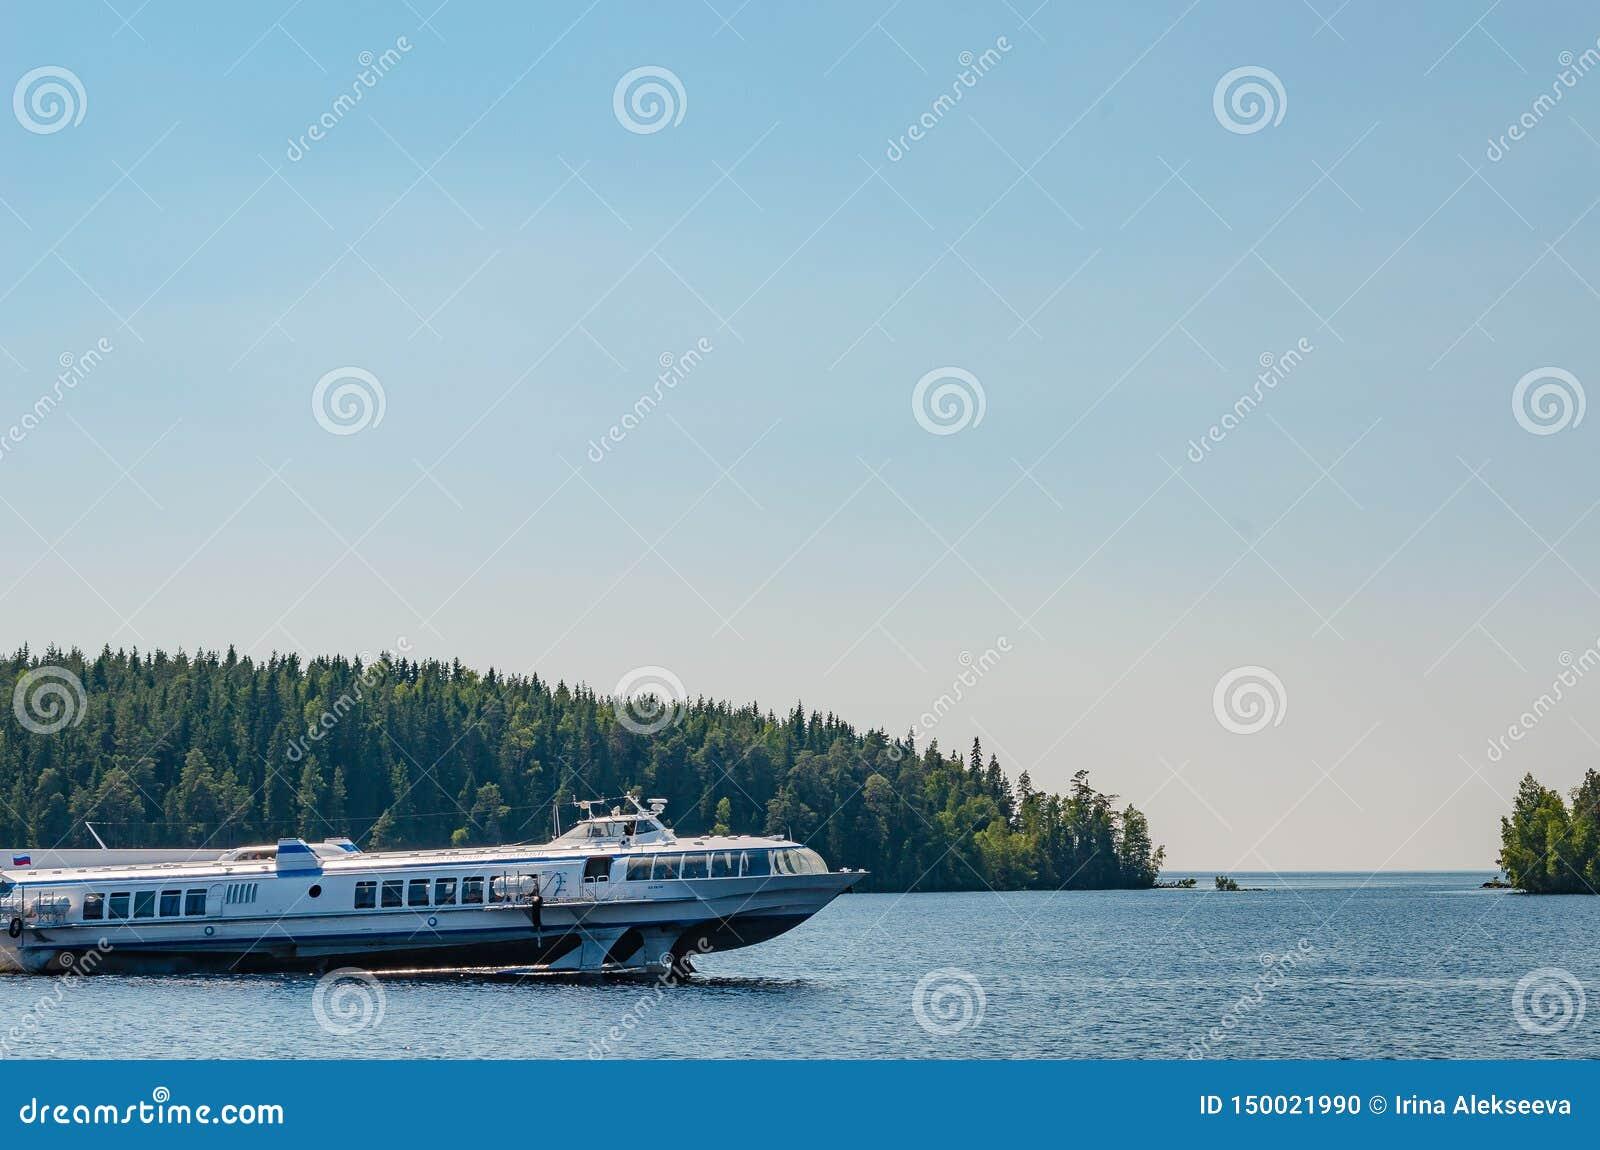 Valaameiland, Rusland 07 17 2018: het schip op vleugelboten vervoerden toeristen en pelgrims tussen de Eilanden Valaam